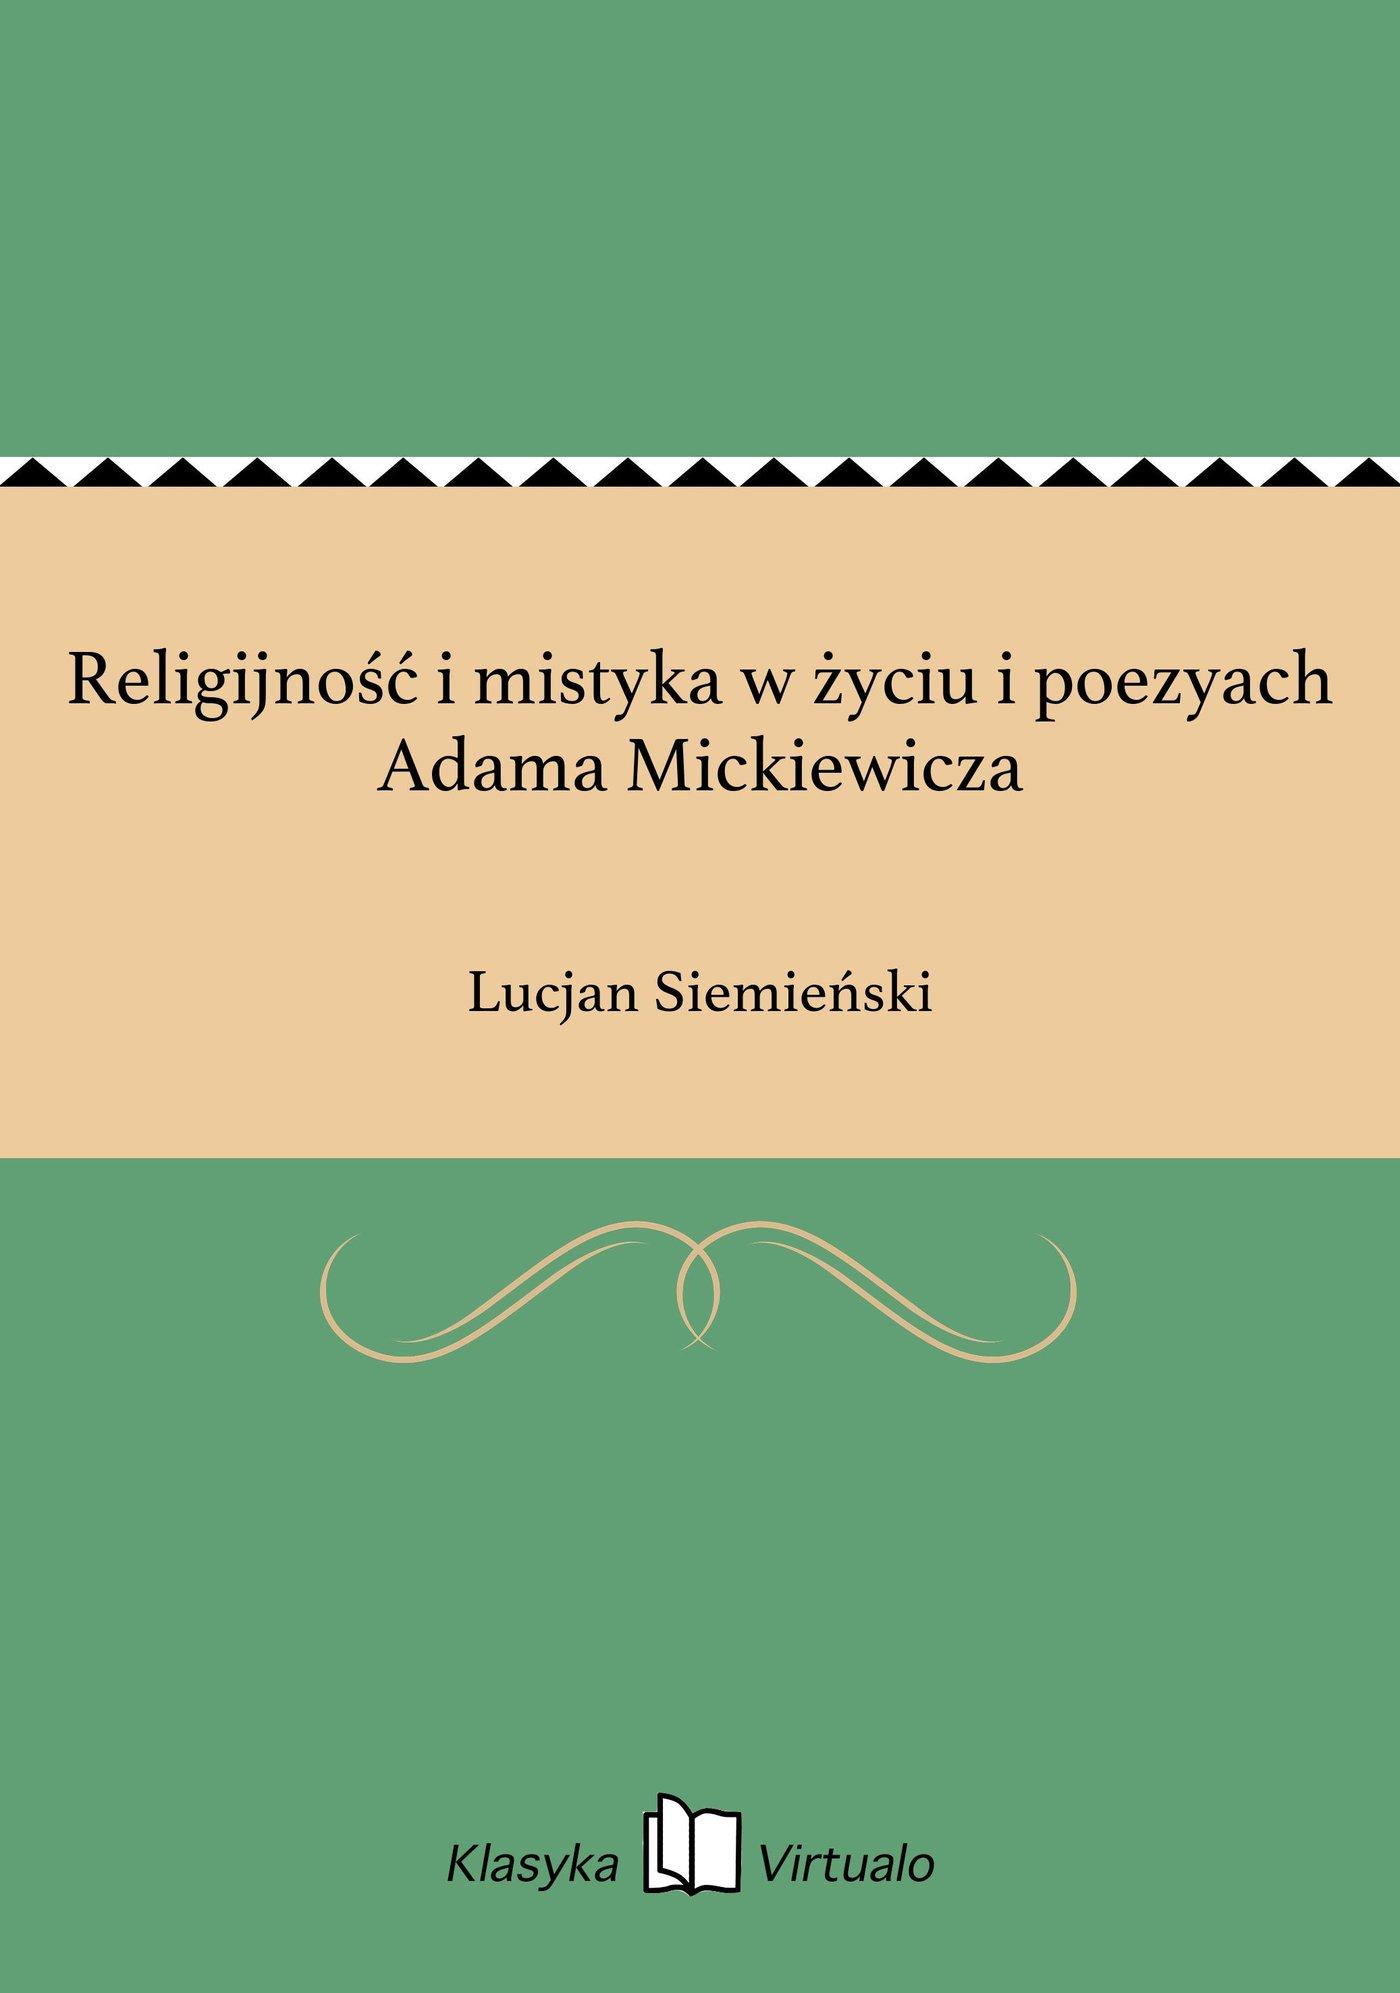 Religijność i mistyka w życiu i poezyach Adama Mickiewicza - Ebook (Książka EPUB) do pobrania w formacie EPUB